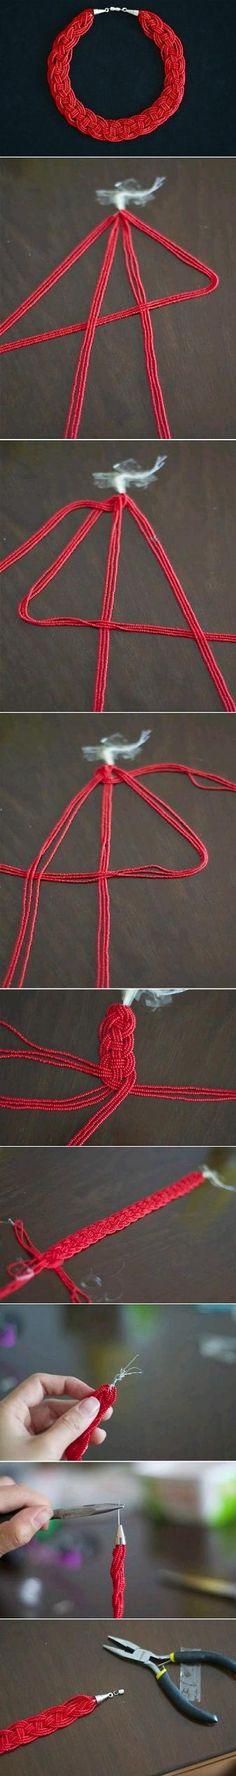 DIY Pretty Bead Necklace DIY Projects | UsefulDIY.com